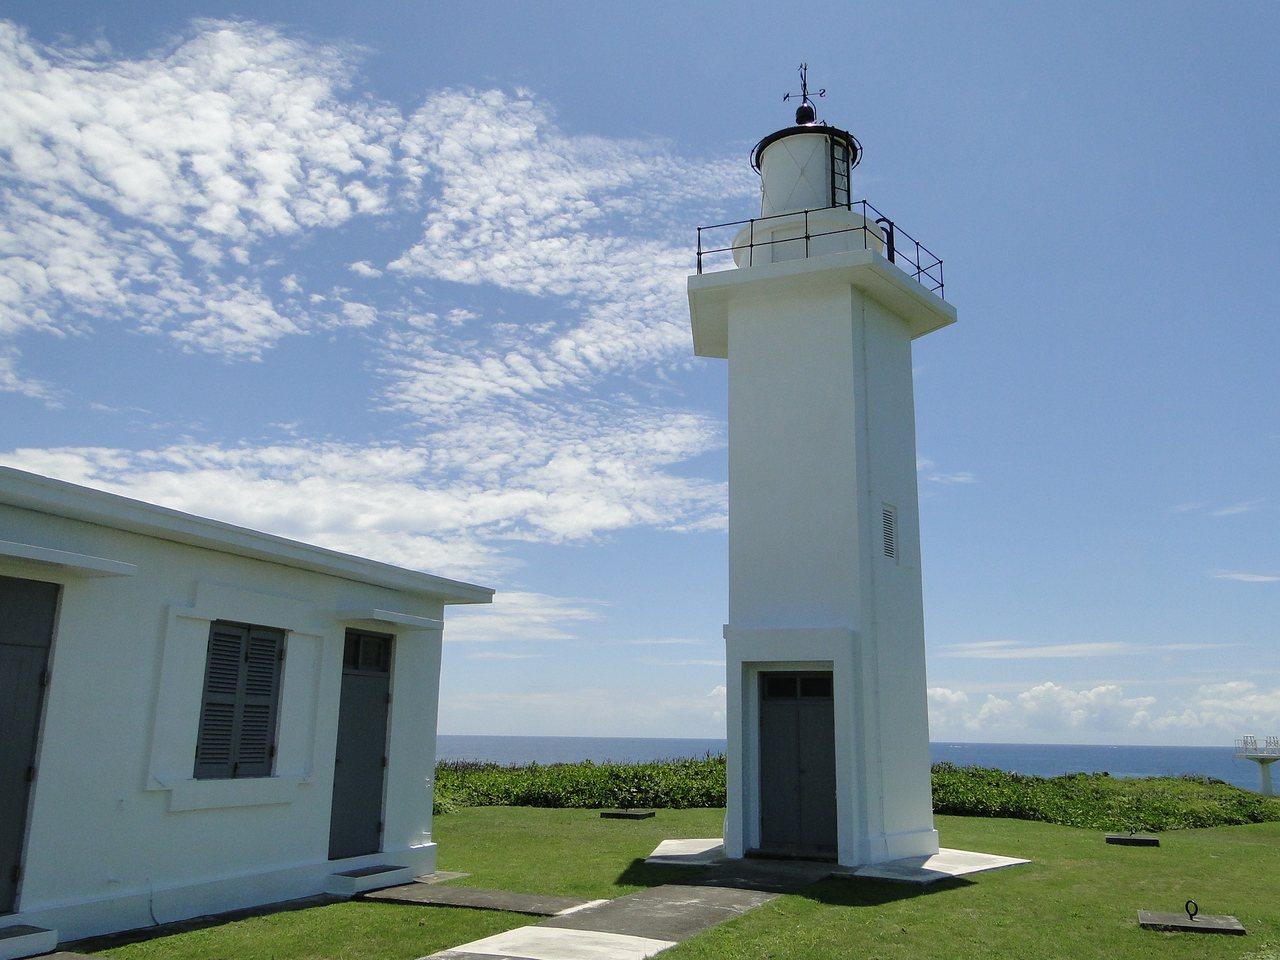 花蓮奇萊鼻白色燈塔聳立綠地,景色優美。 記者范振和/攝影